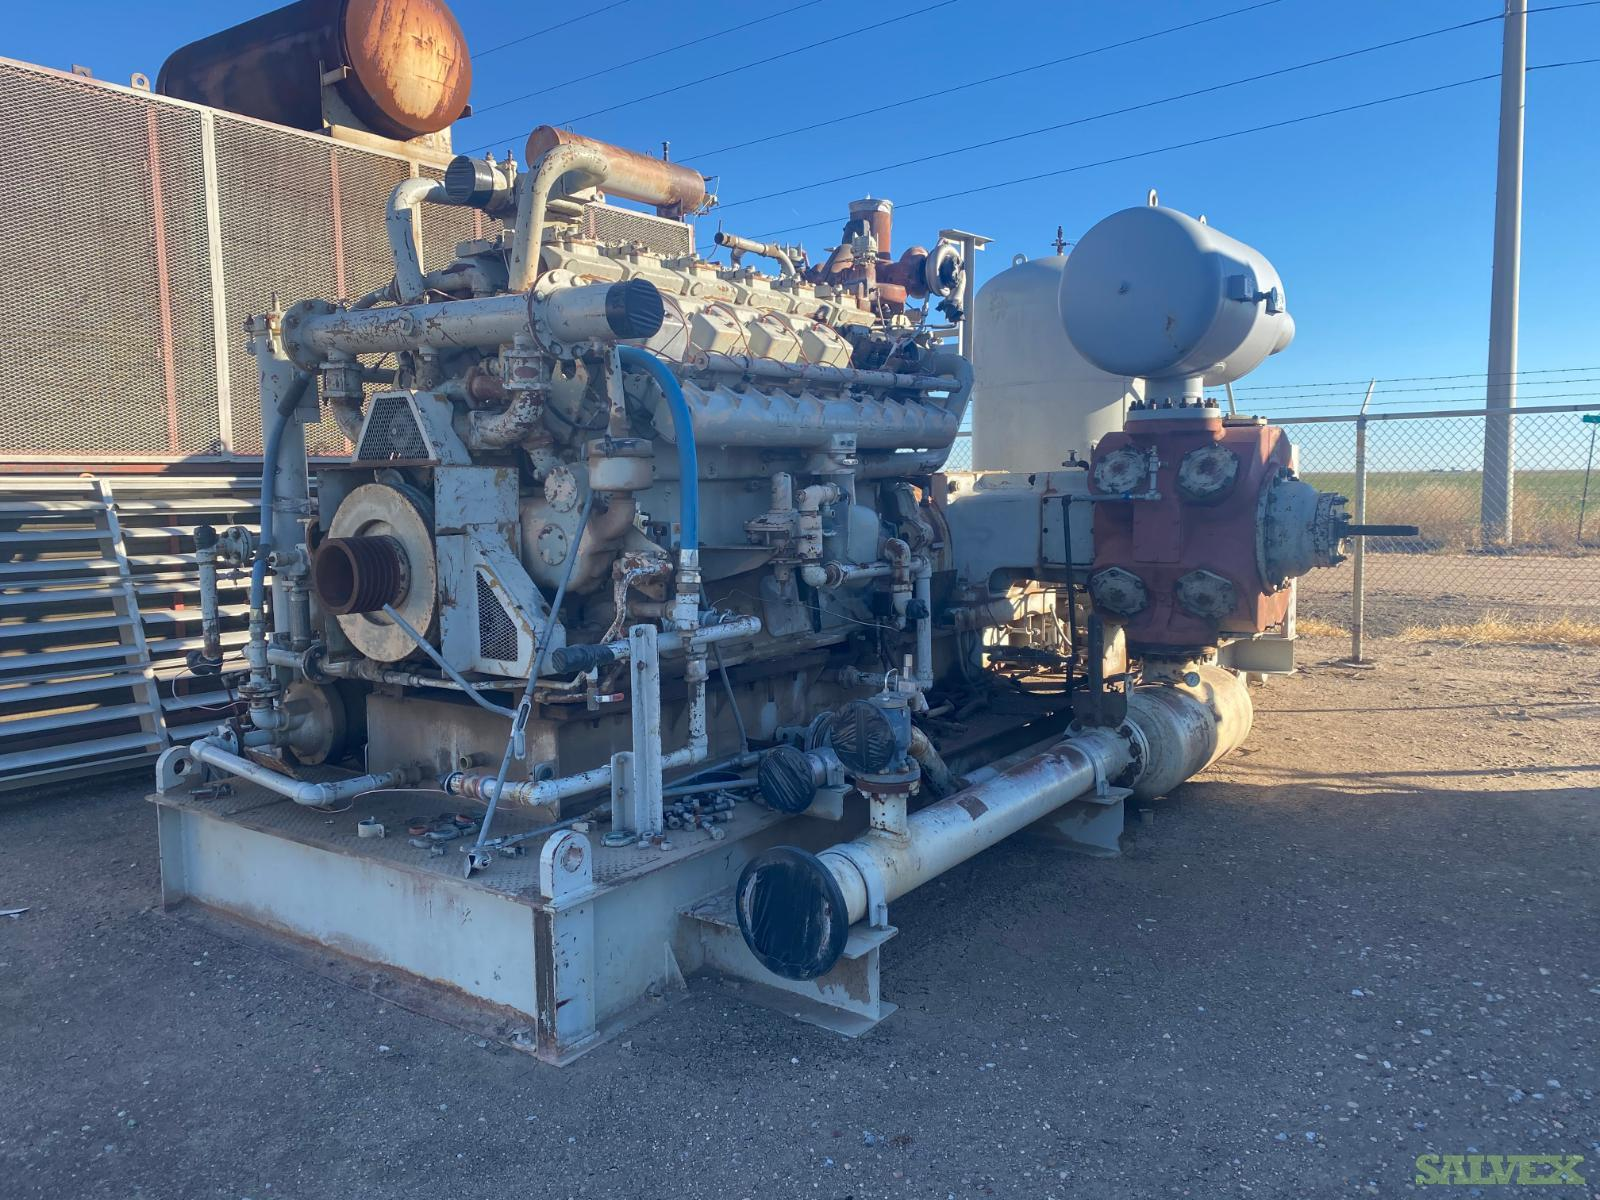 Waukesha Compressor Skids C-YRH-221 (Junk)